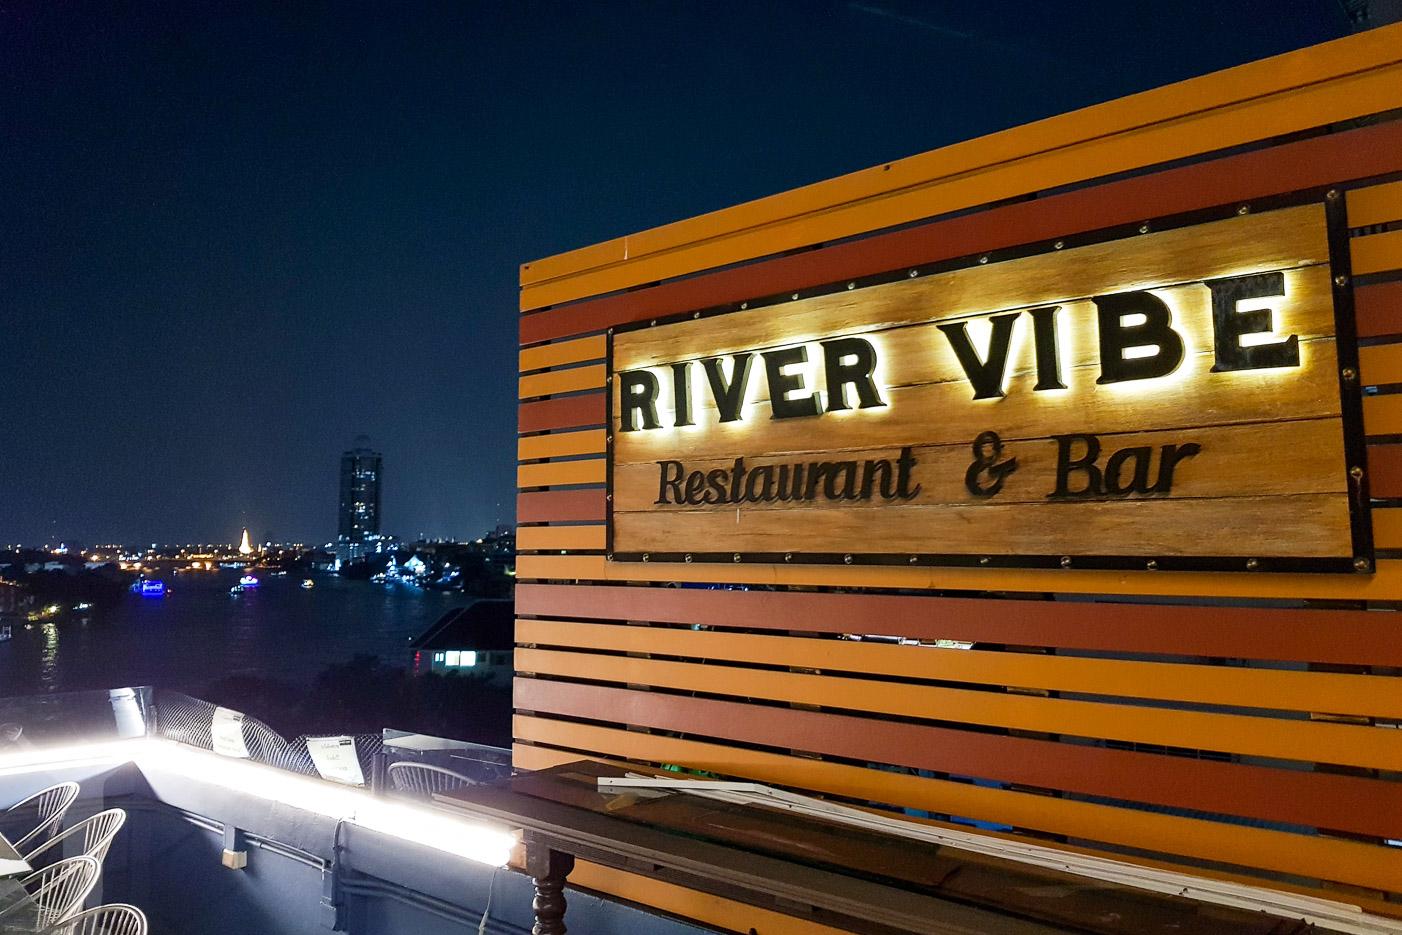 River Vibe